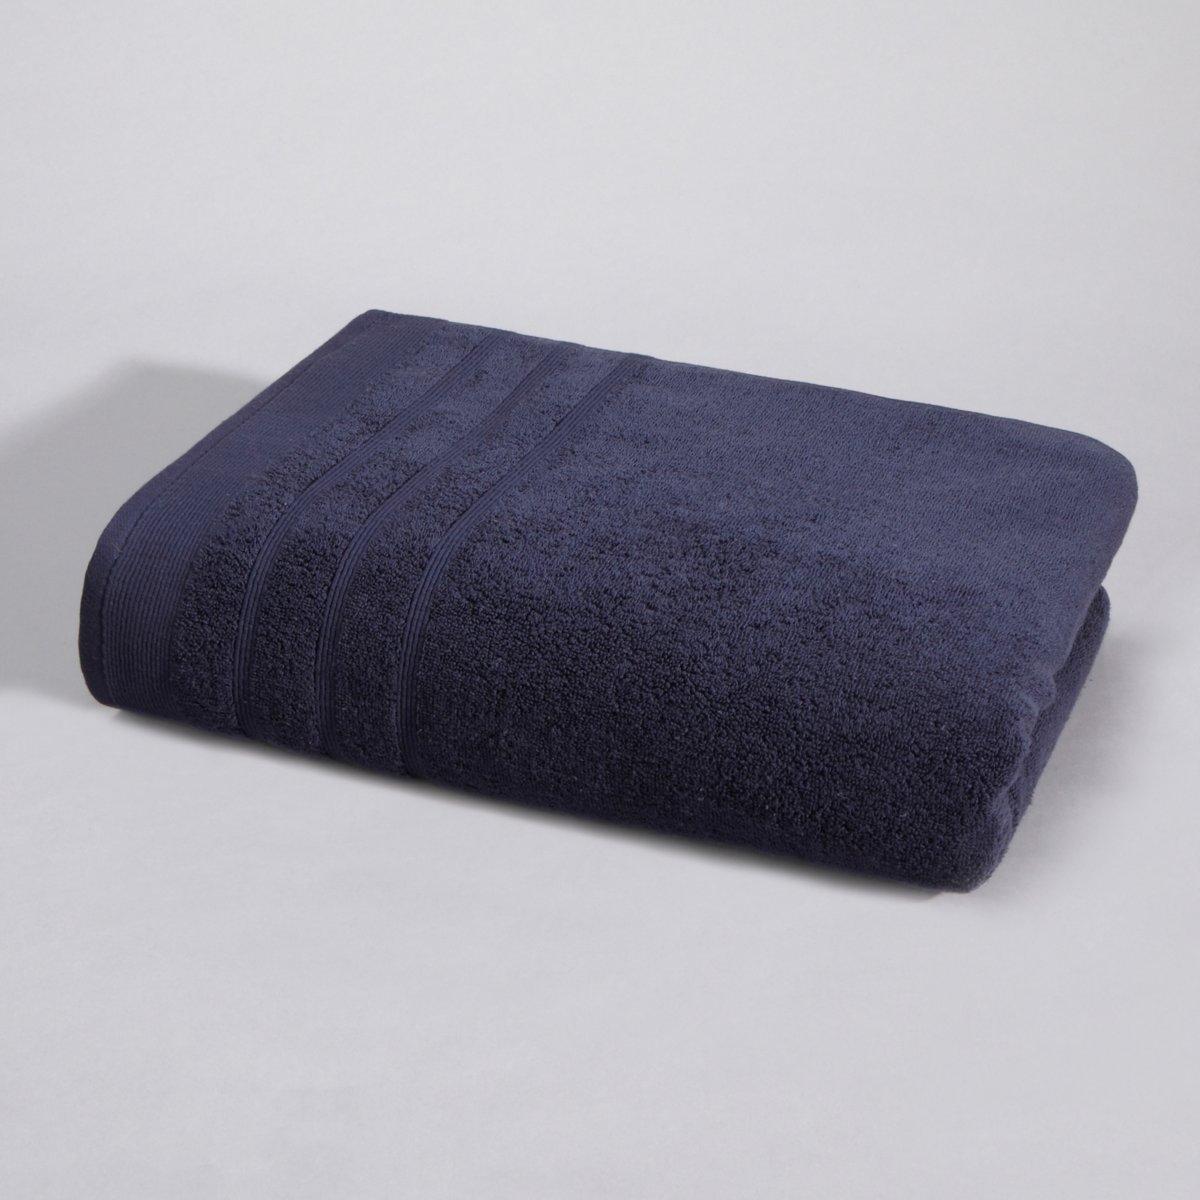 Полотенце банное 600 г/м?, Качество BestБольшое банное полотенце отлично притывает влагу, даря тем самым невероятный комфорт. Описание большого  банного полотенца :Качество BEST.Махровая ткань 100 % хлопка. Машинная стирка при 60°.Размеры большого банного полотенца:100 x 150 см.<br><br>Цвет: синий морской,фиолетовый,шафран